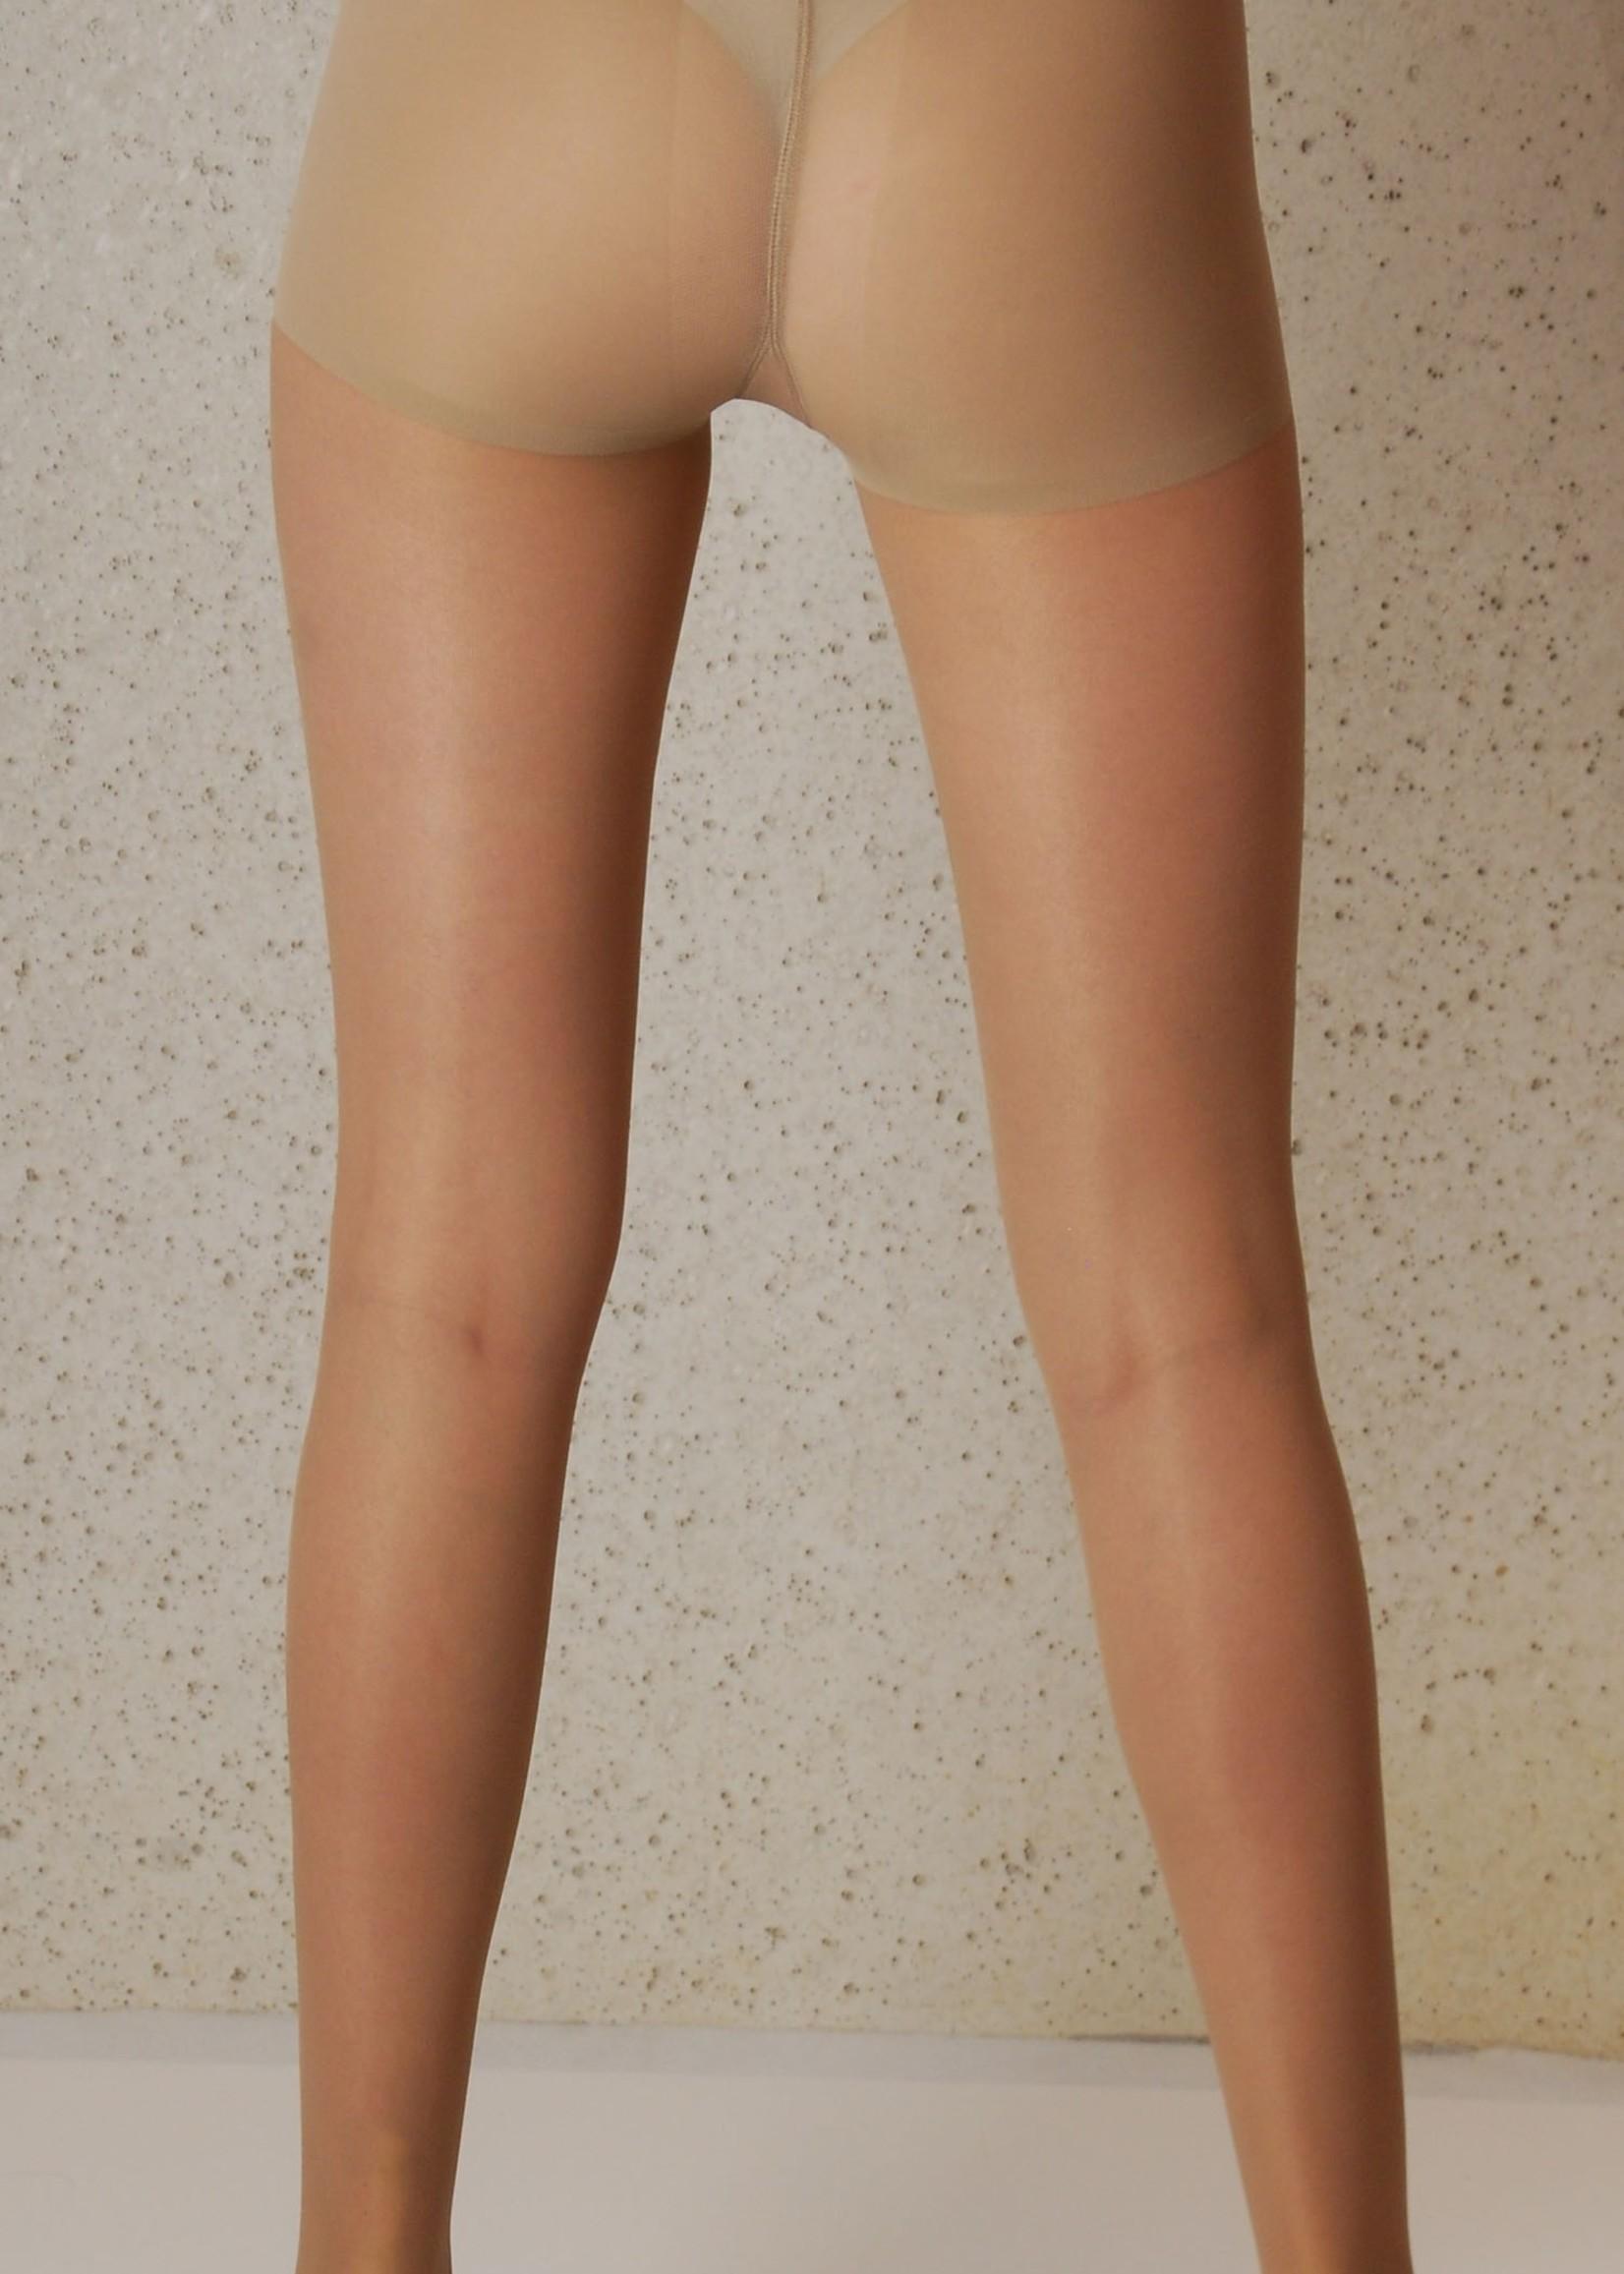 Omero Segretta 140 Young  Sheer Panty sterke Compressie met Shape Up broekje - Nature